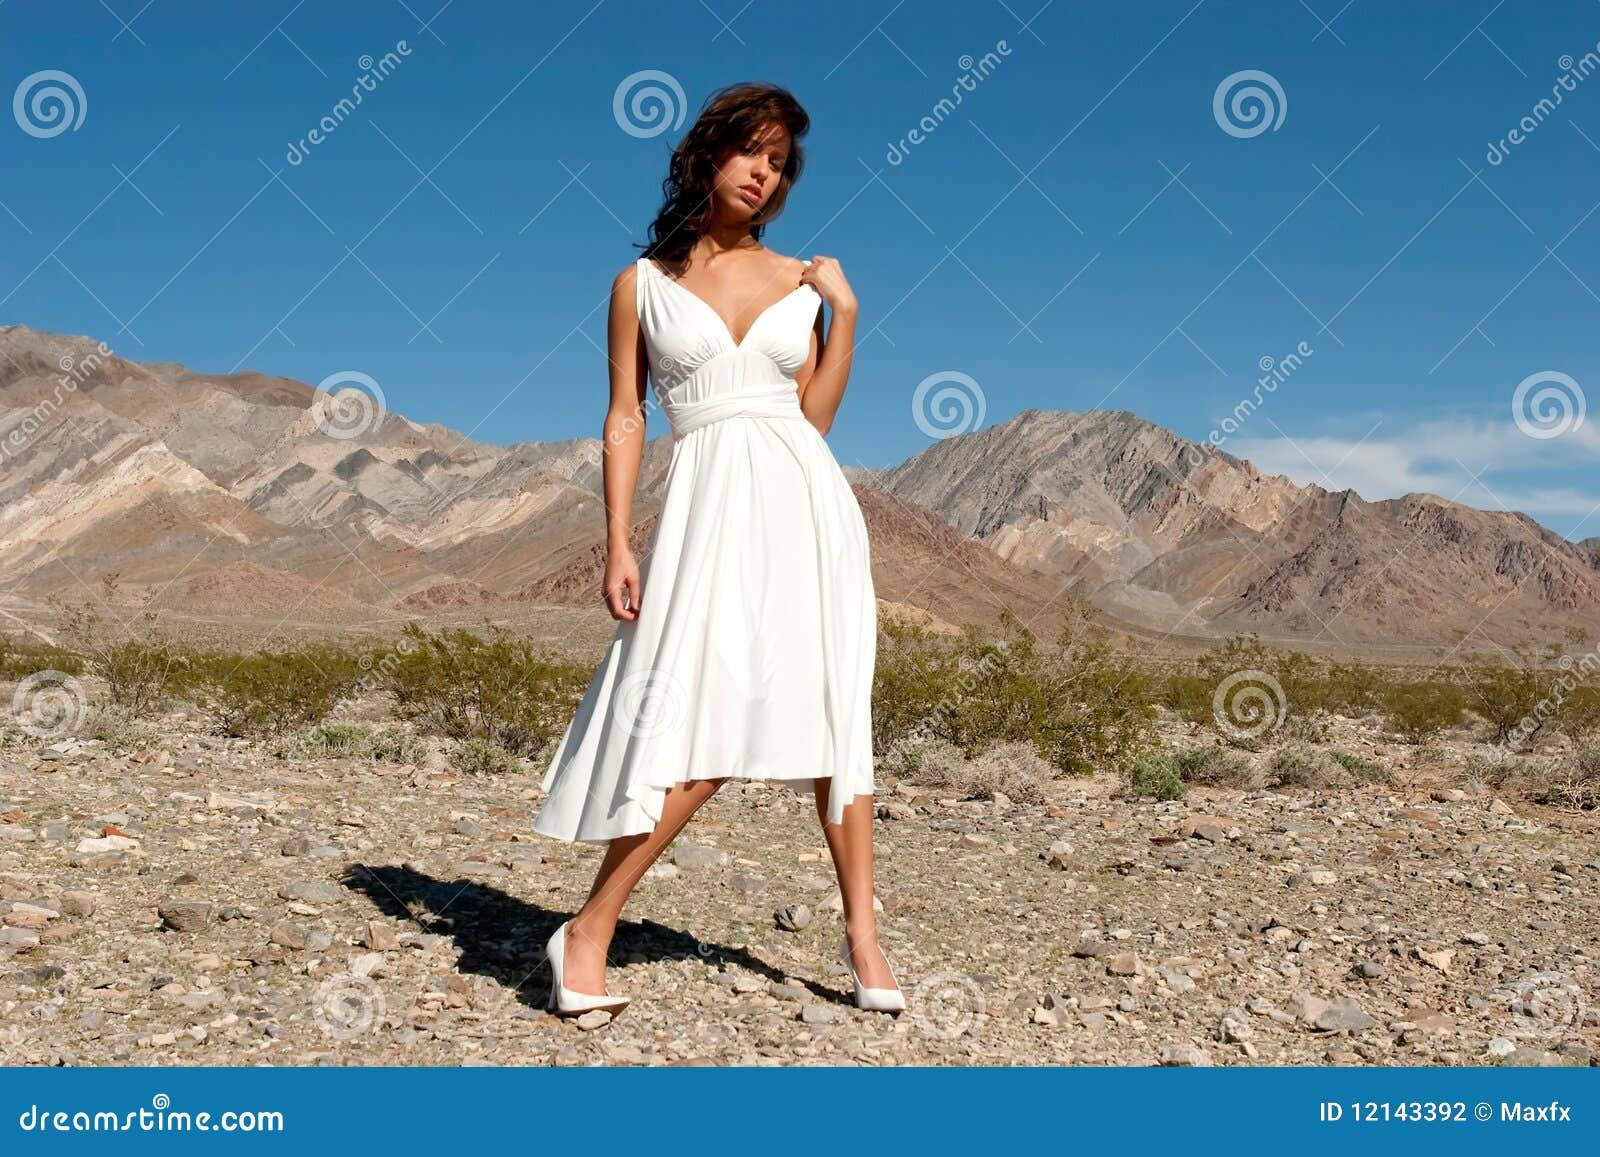 Pretty woman in desert